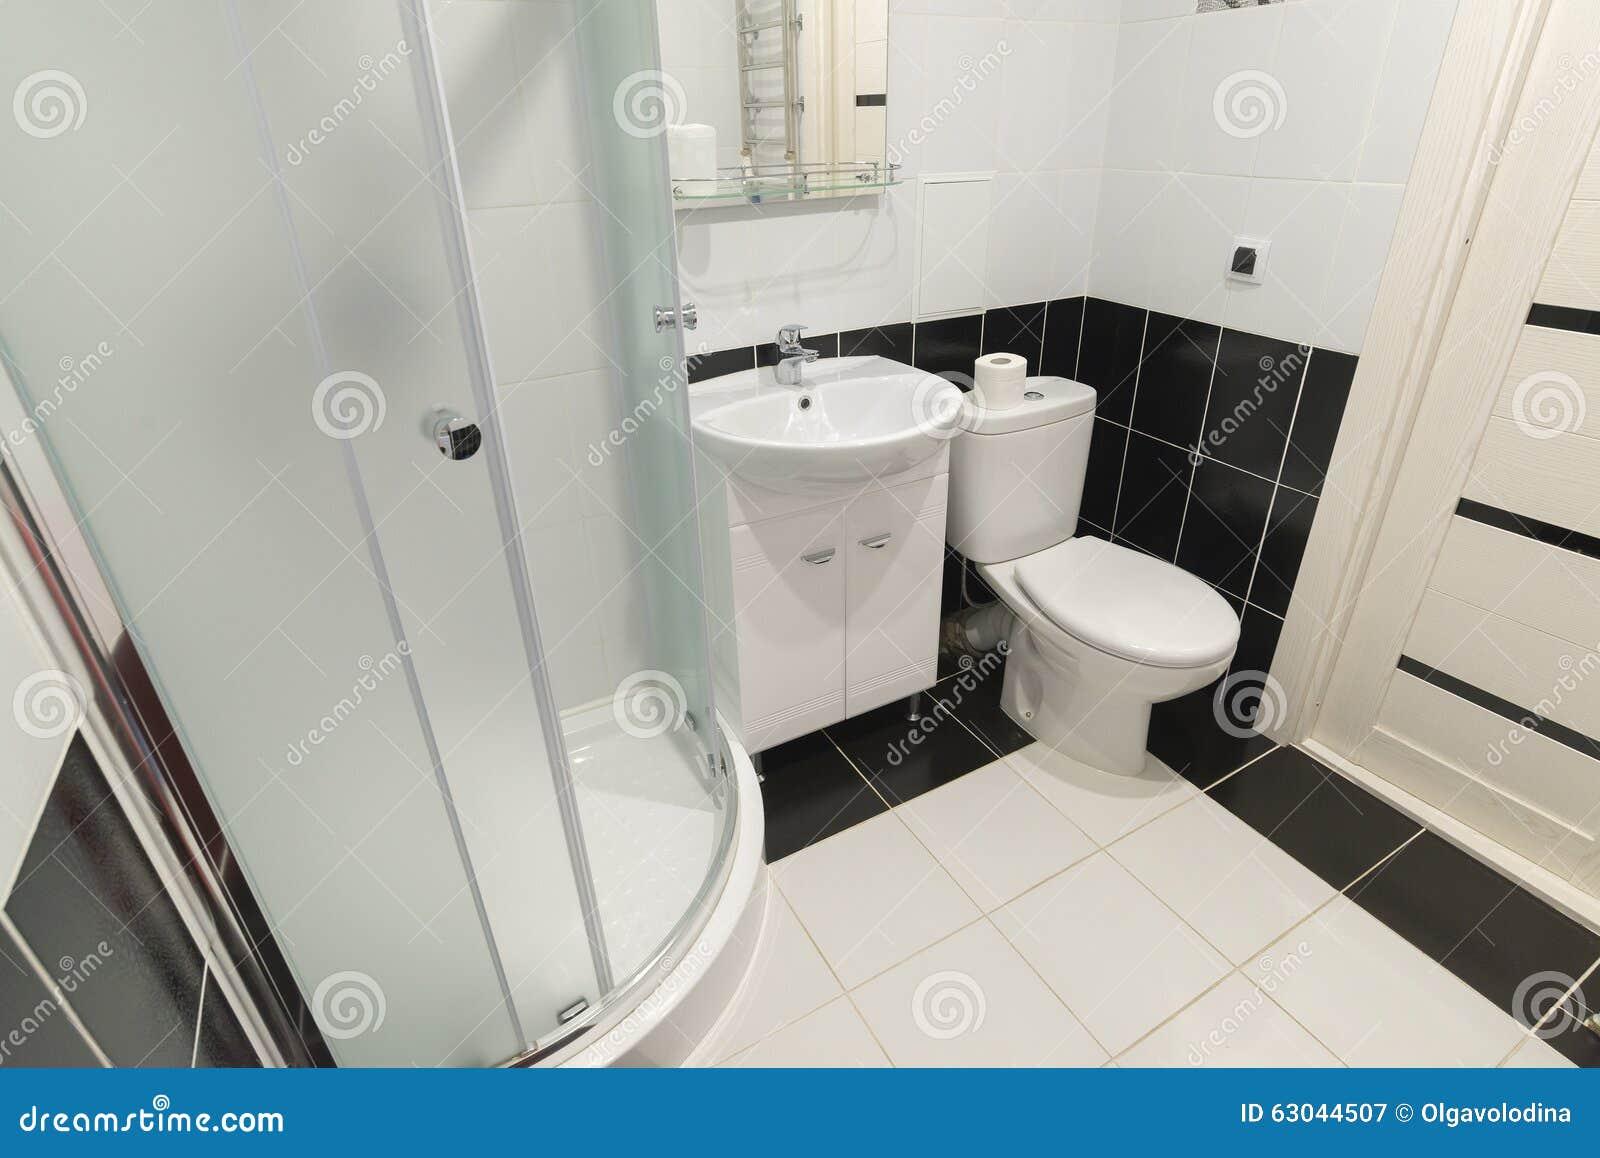 Les Douches Intérieures Avec Des Toilettes Sont En Noir Et Blanc ...